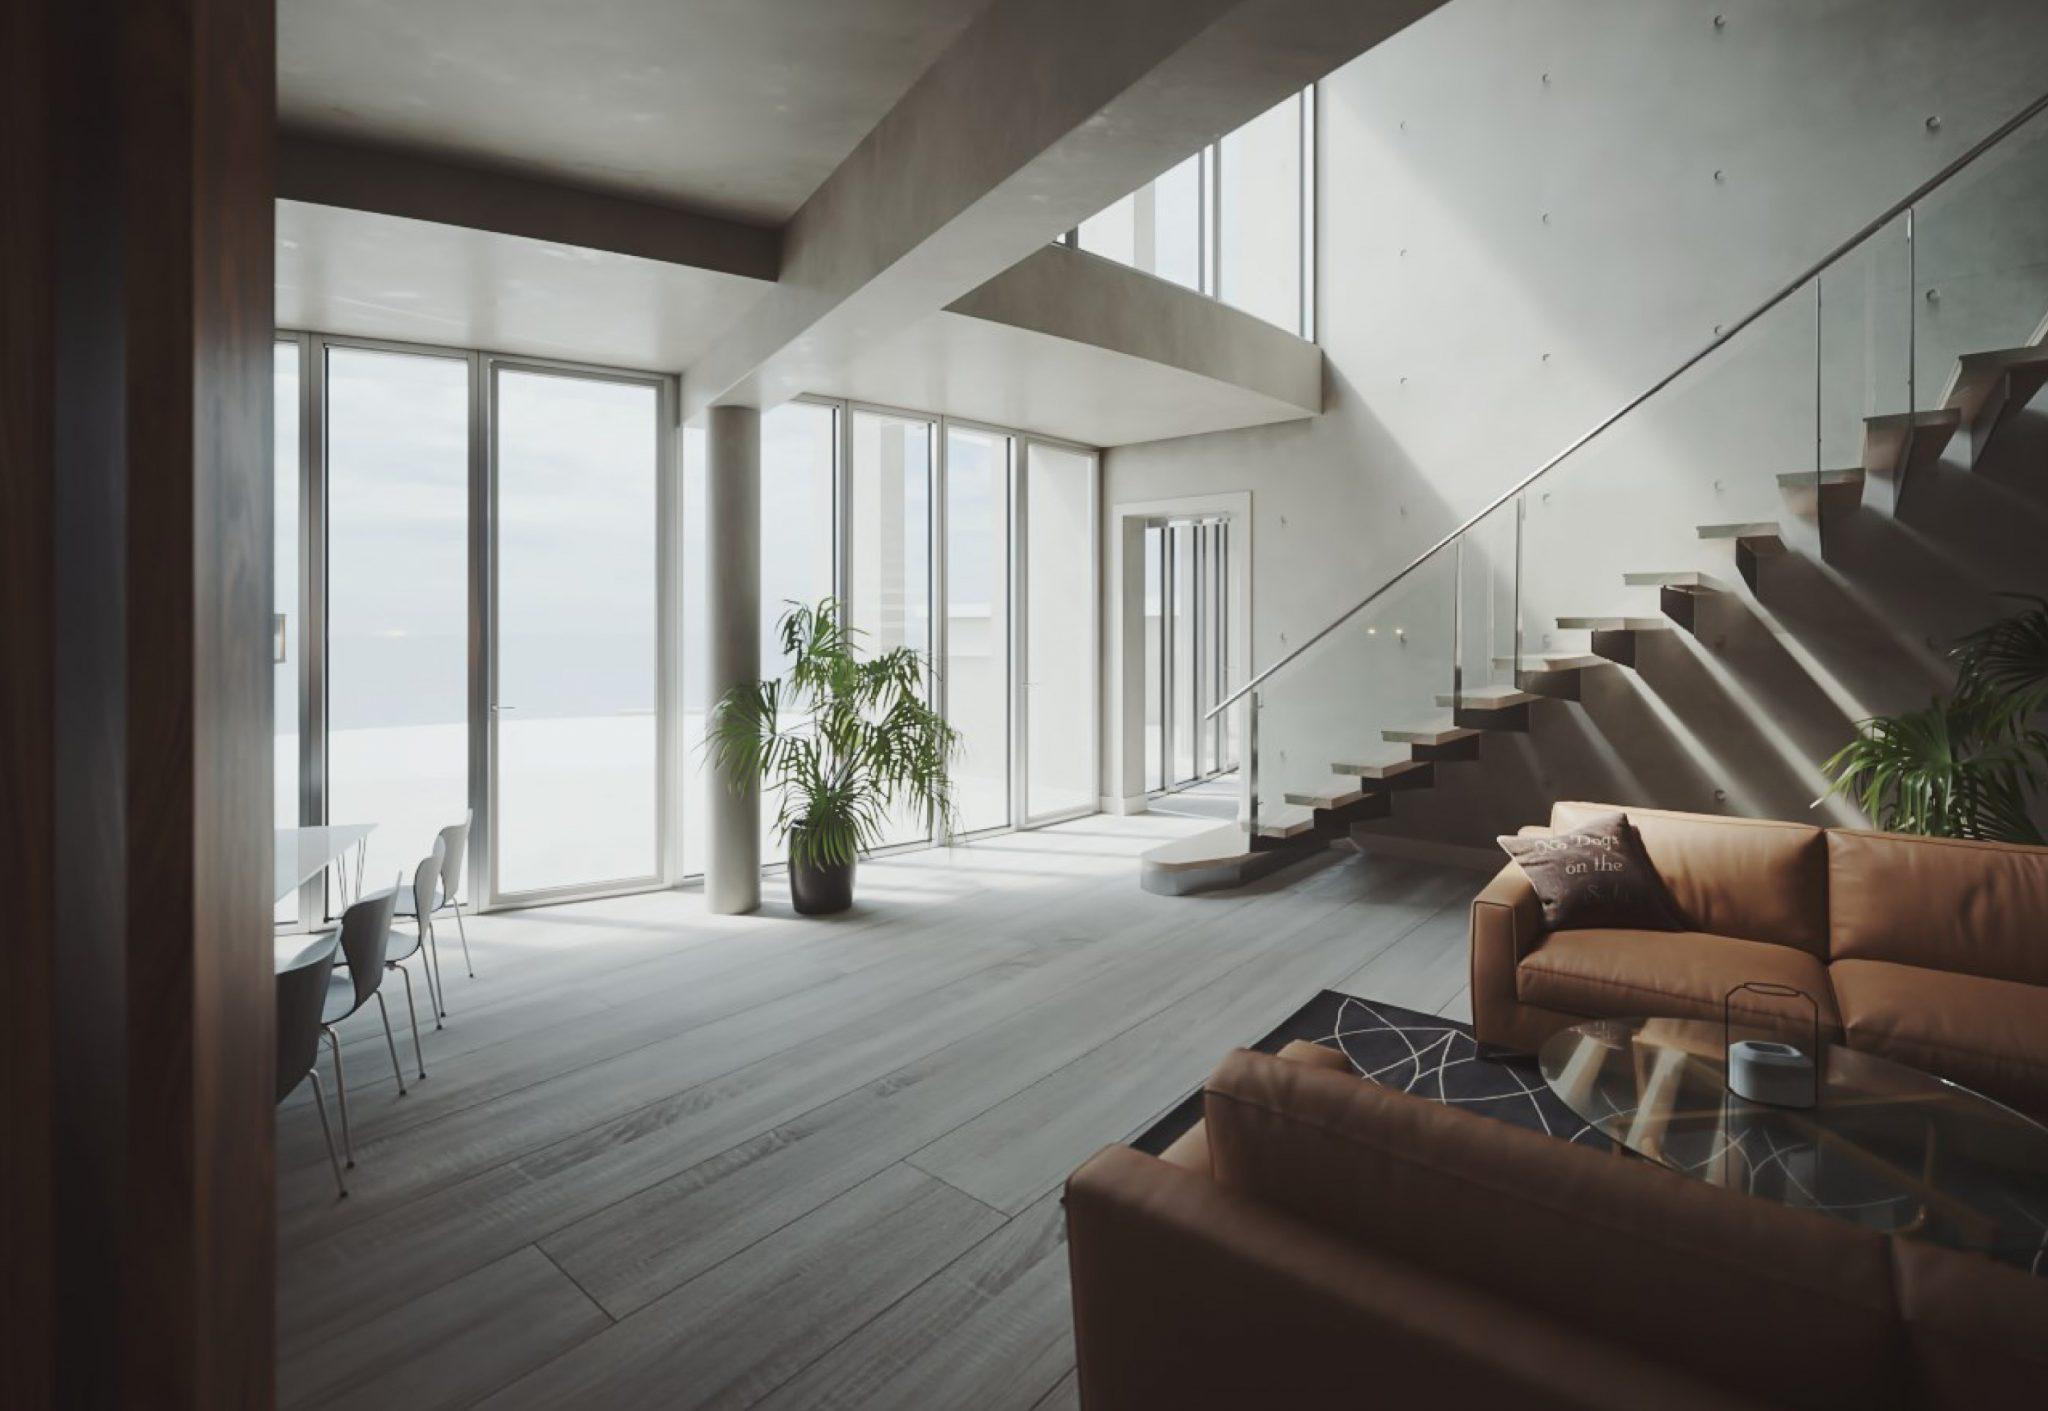 Ny villa med böjd form i betong, ritat av Rex Arkitektbyrå i Stockholm.